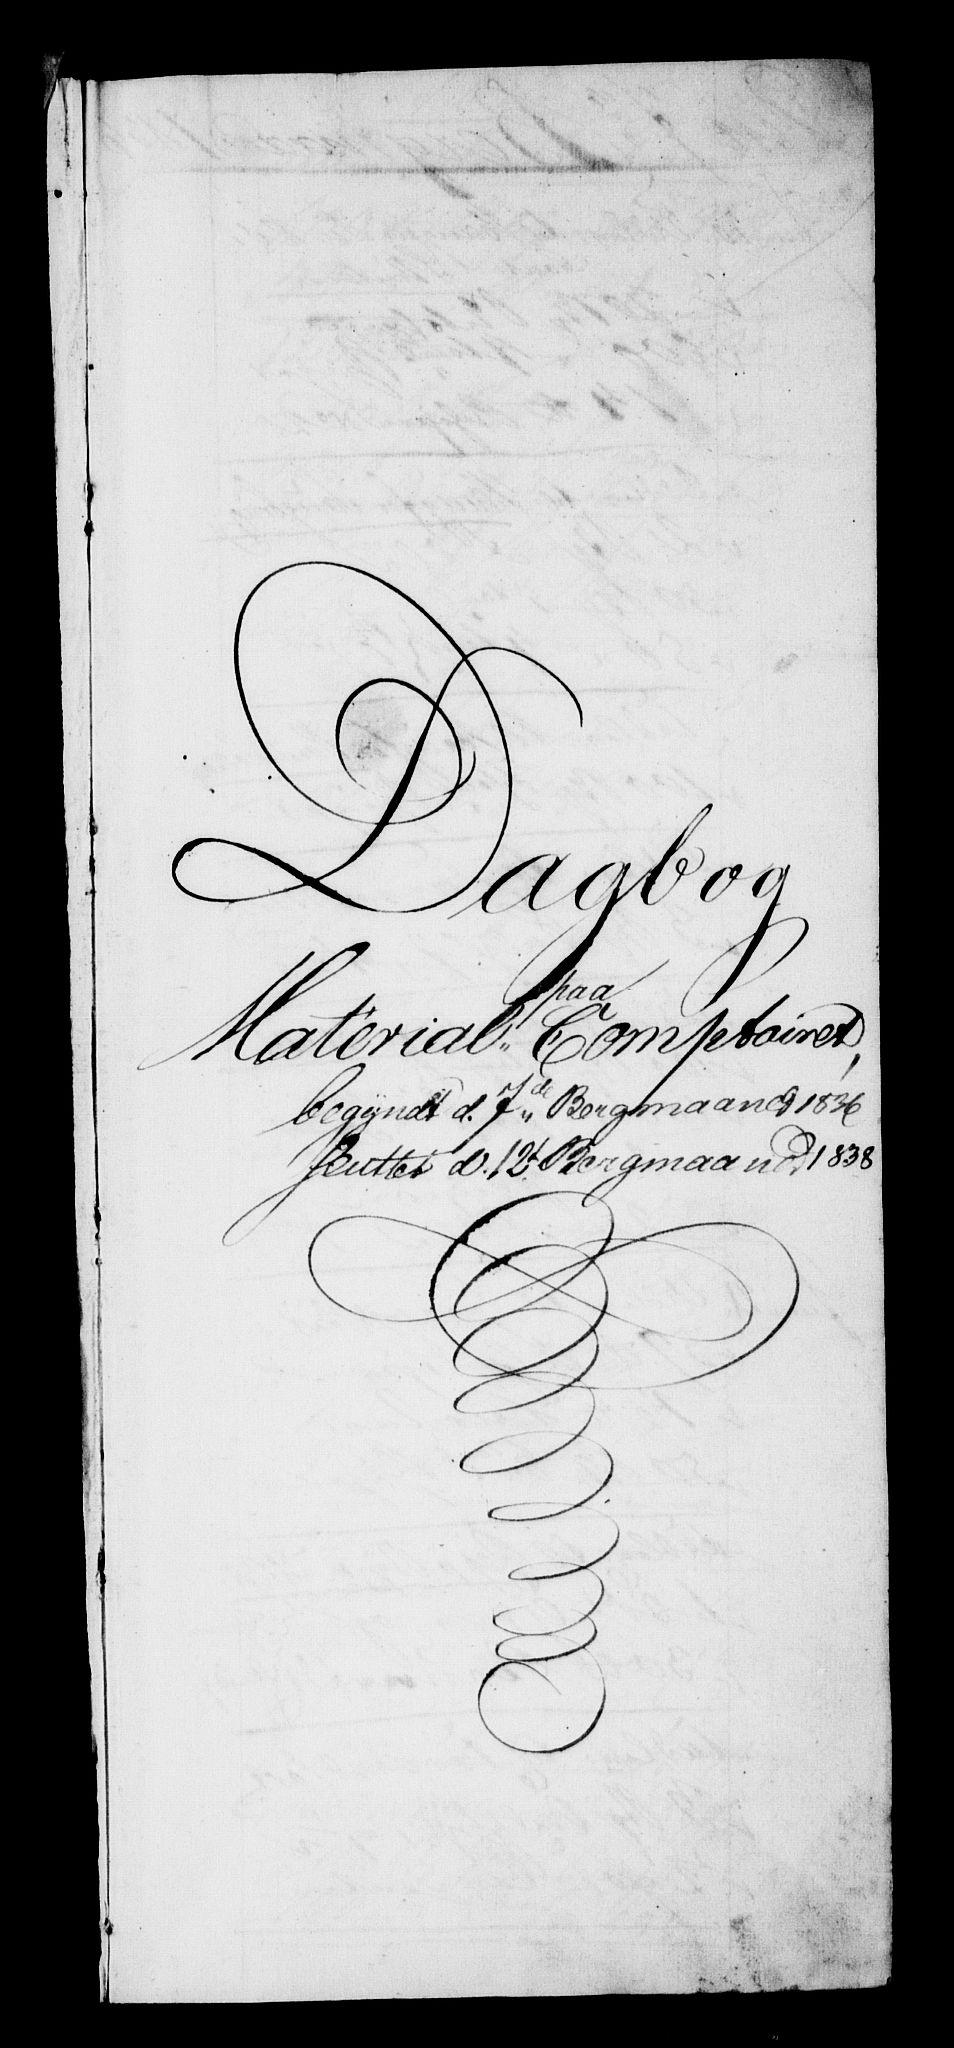 RA, Modums Blaafarveværk, G/Gd/Gdb/L0201: Annotations Bog, Dagbok over inn- og utgående materiale, 1836-1839, s. 2